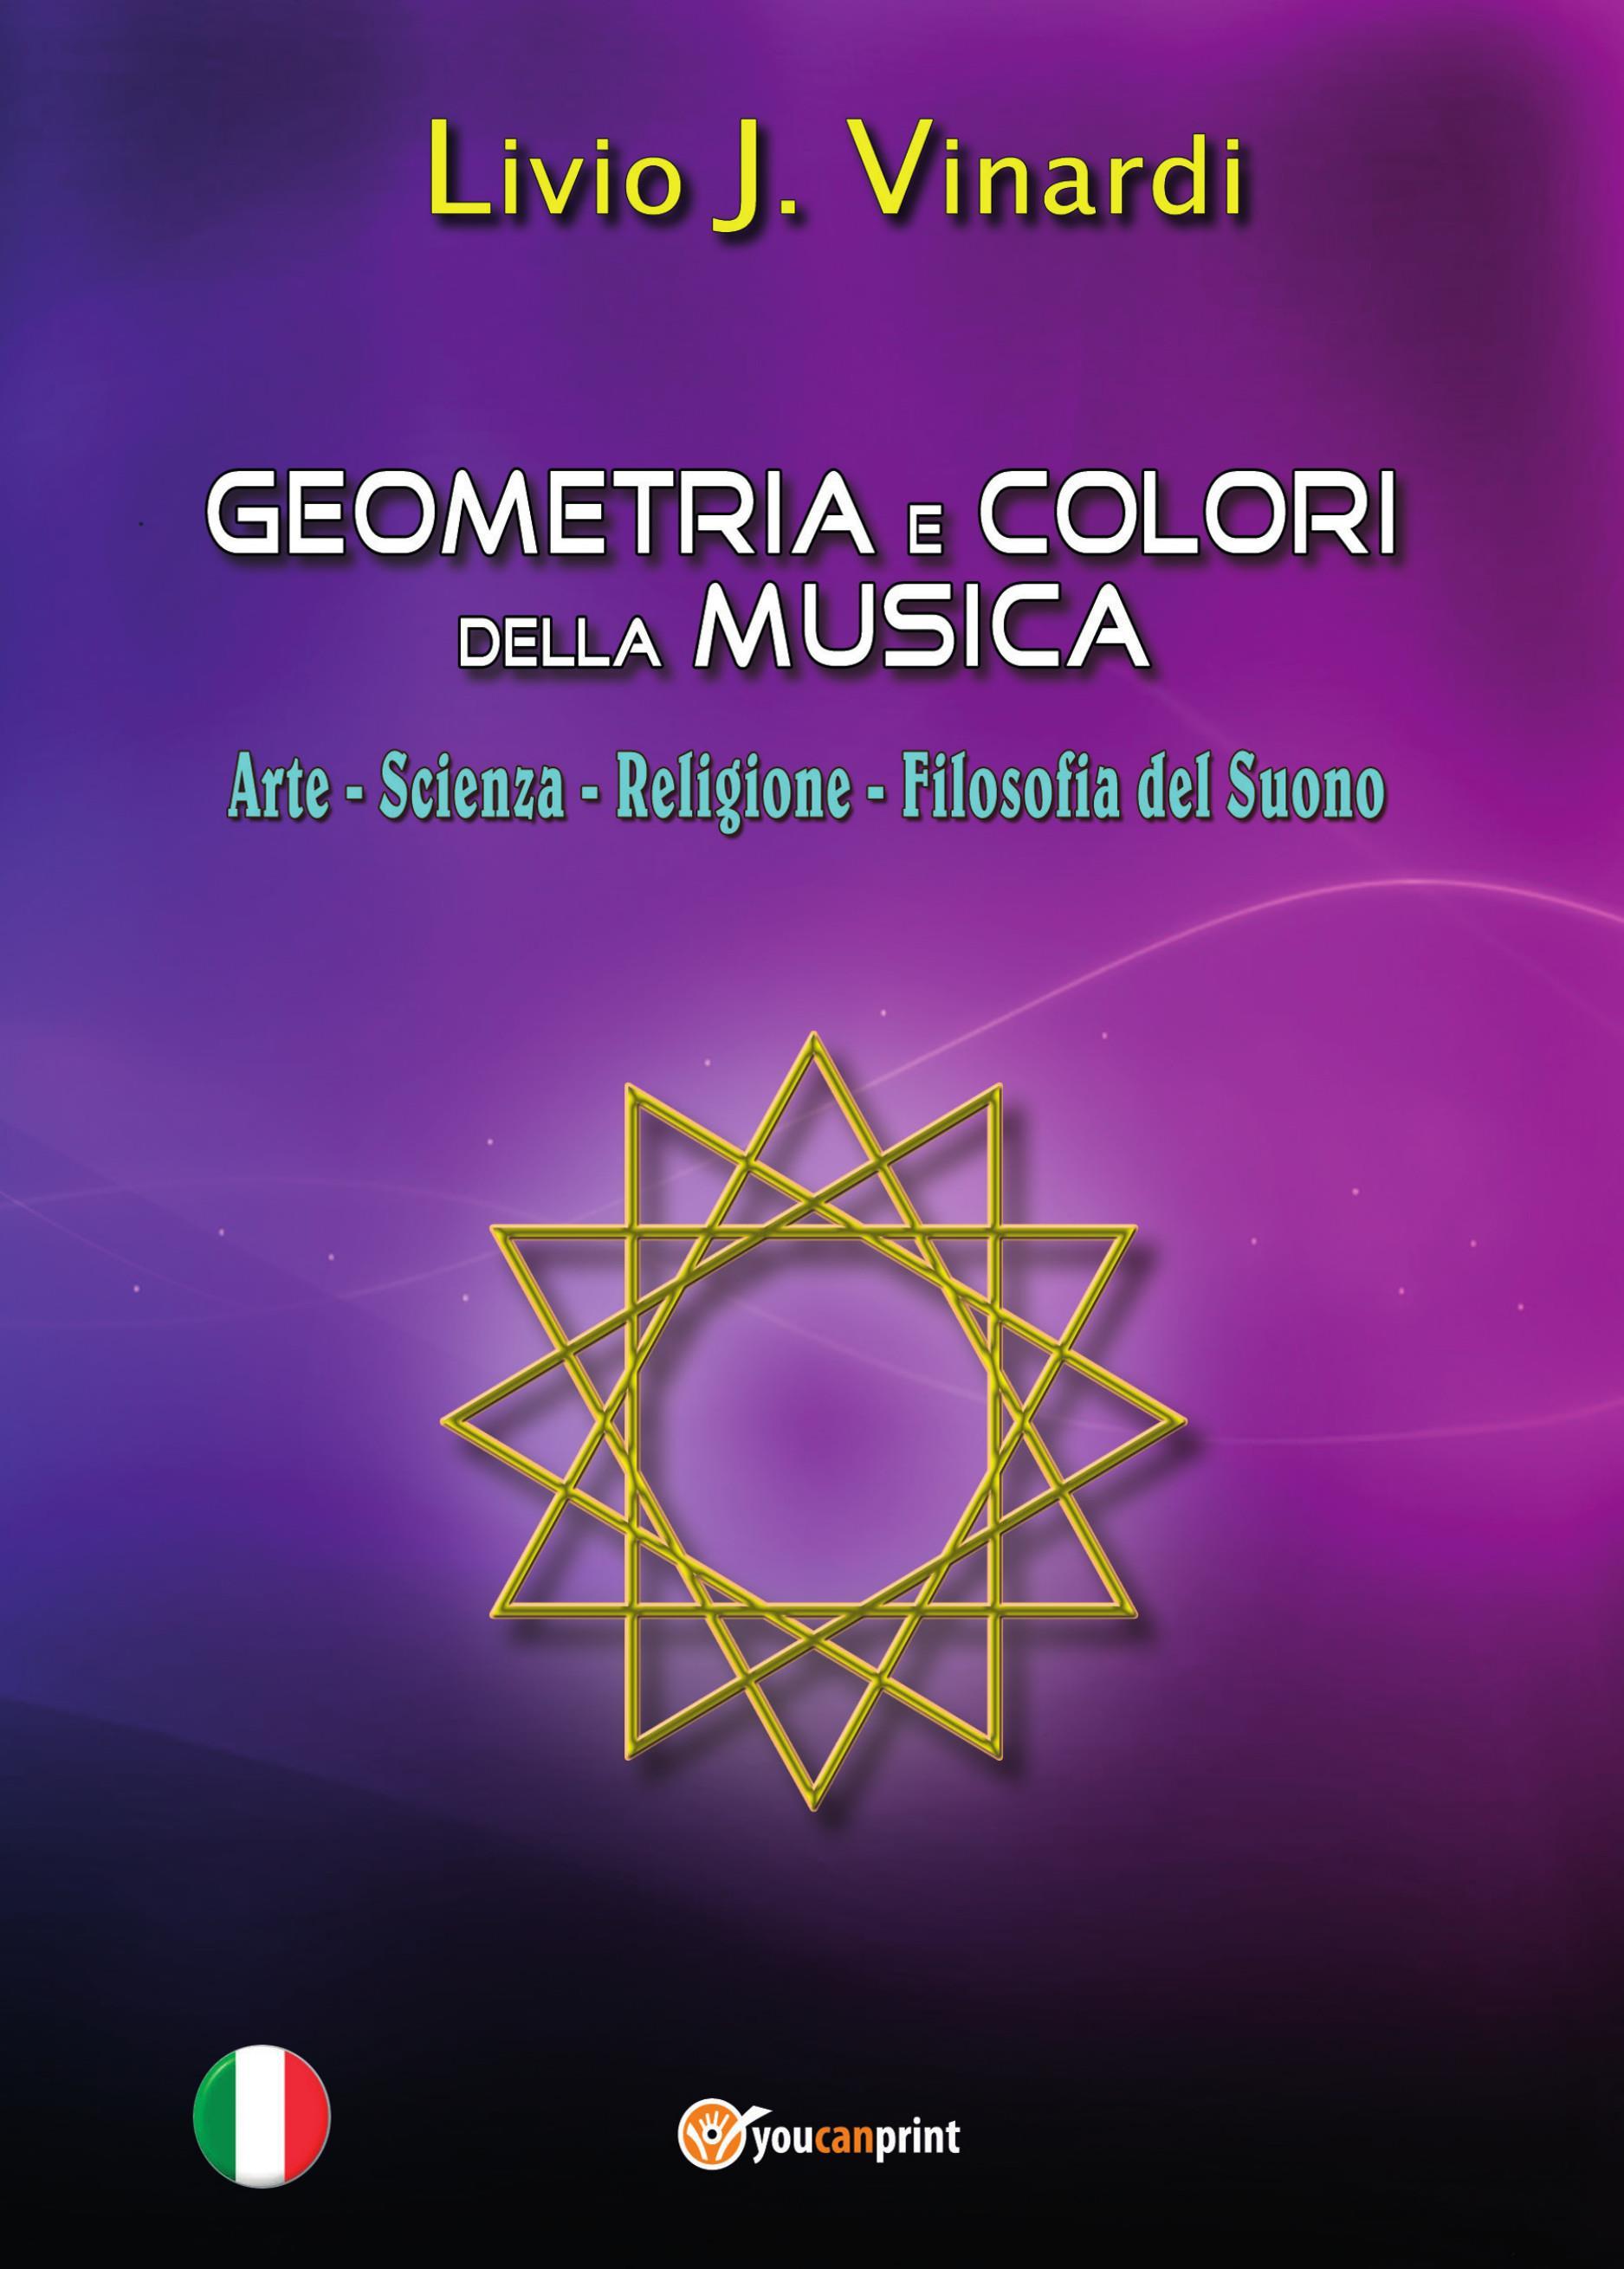 Geometria e Colori della Musica – Arte, Scienza, Religione e Filosofia del suono